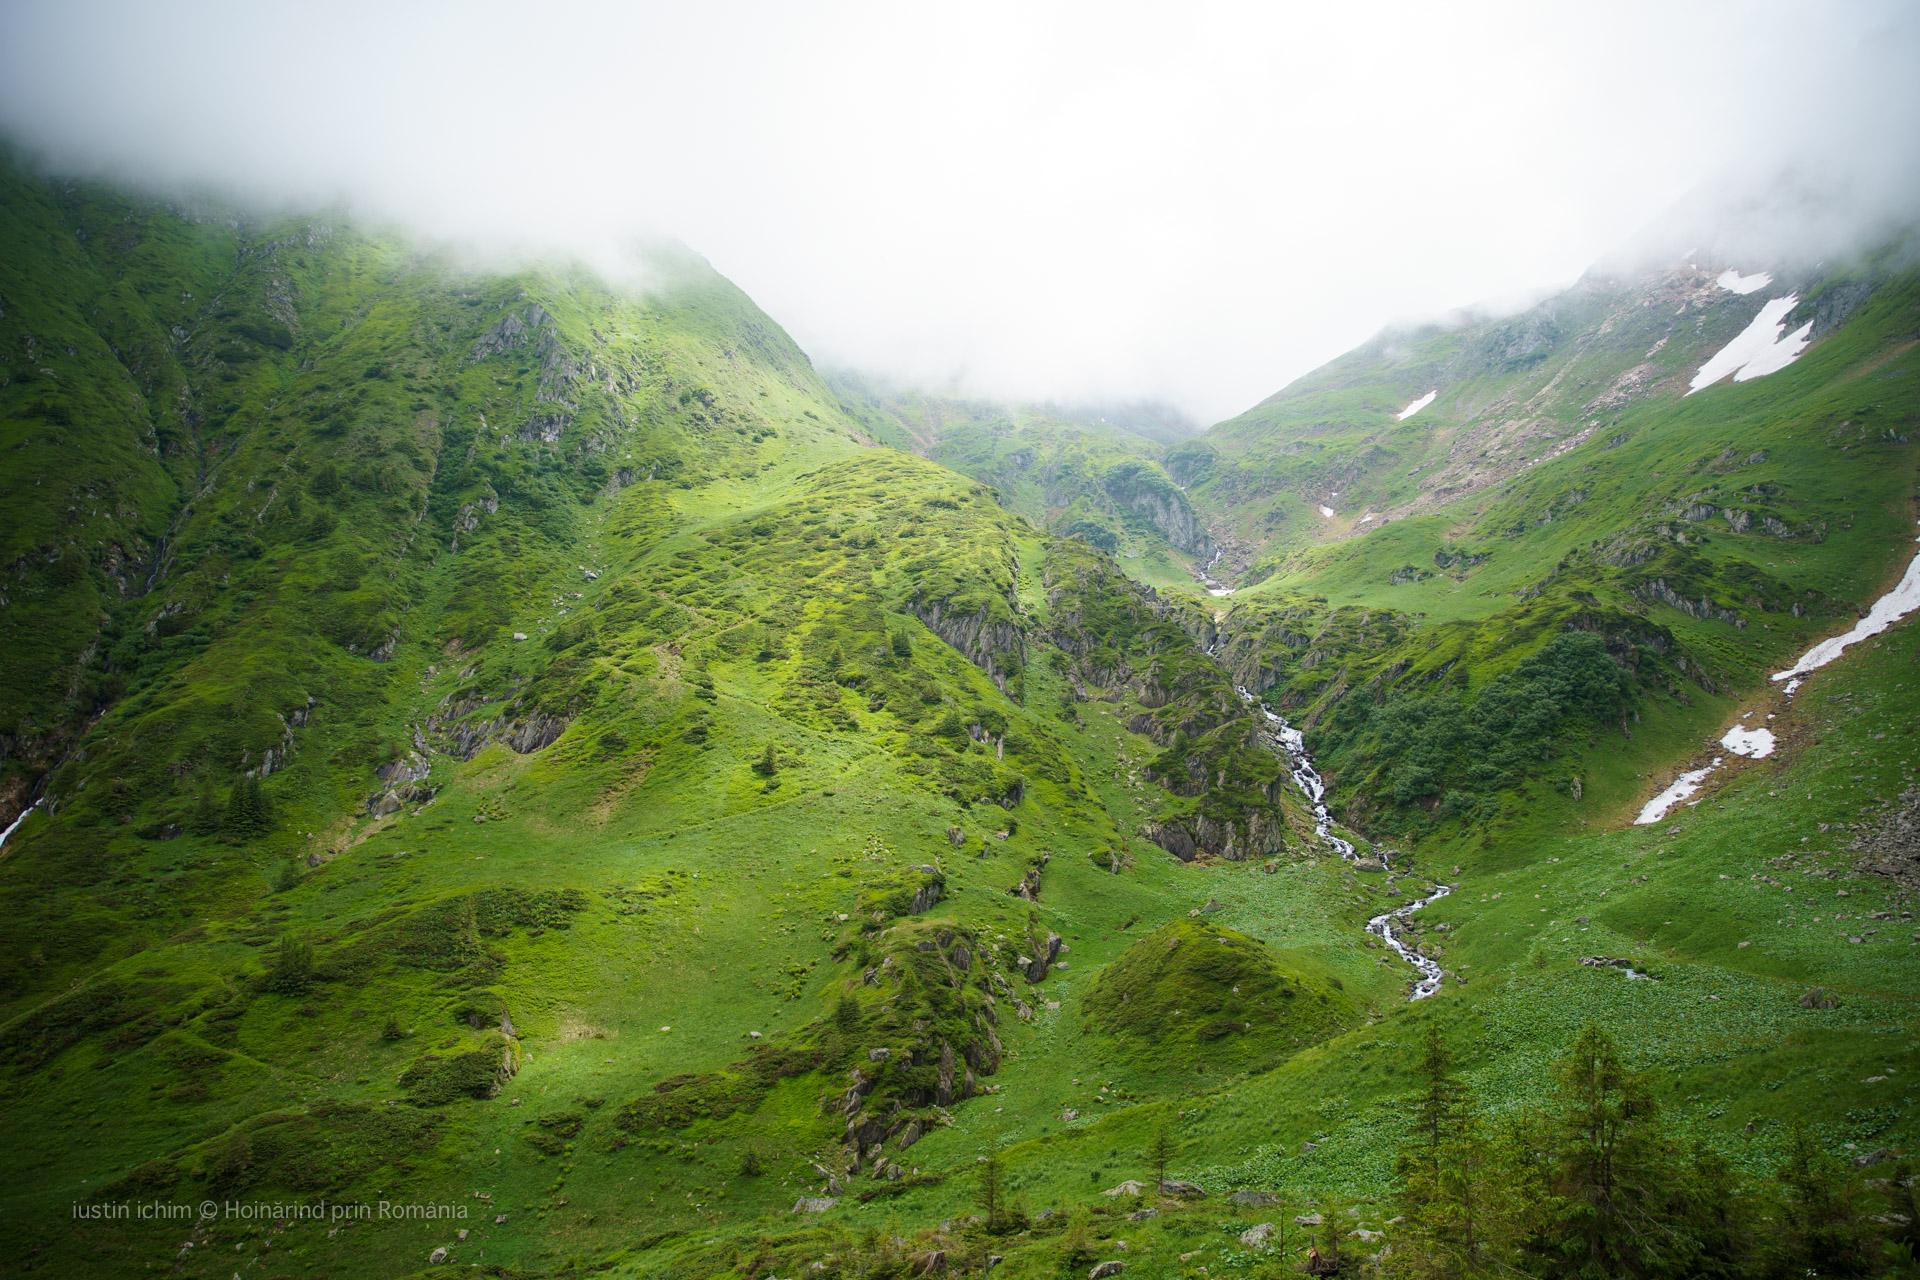 Căldarea Podragului, Valea Podragului, Rezervatia Golul Alpin al Munților Făgăraș